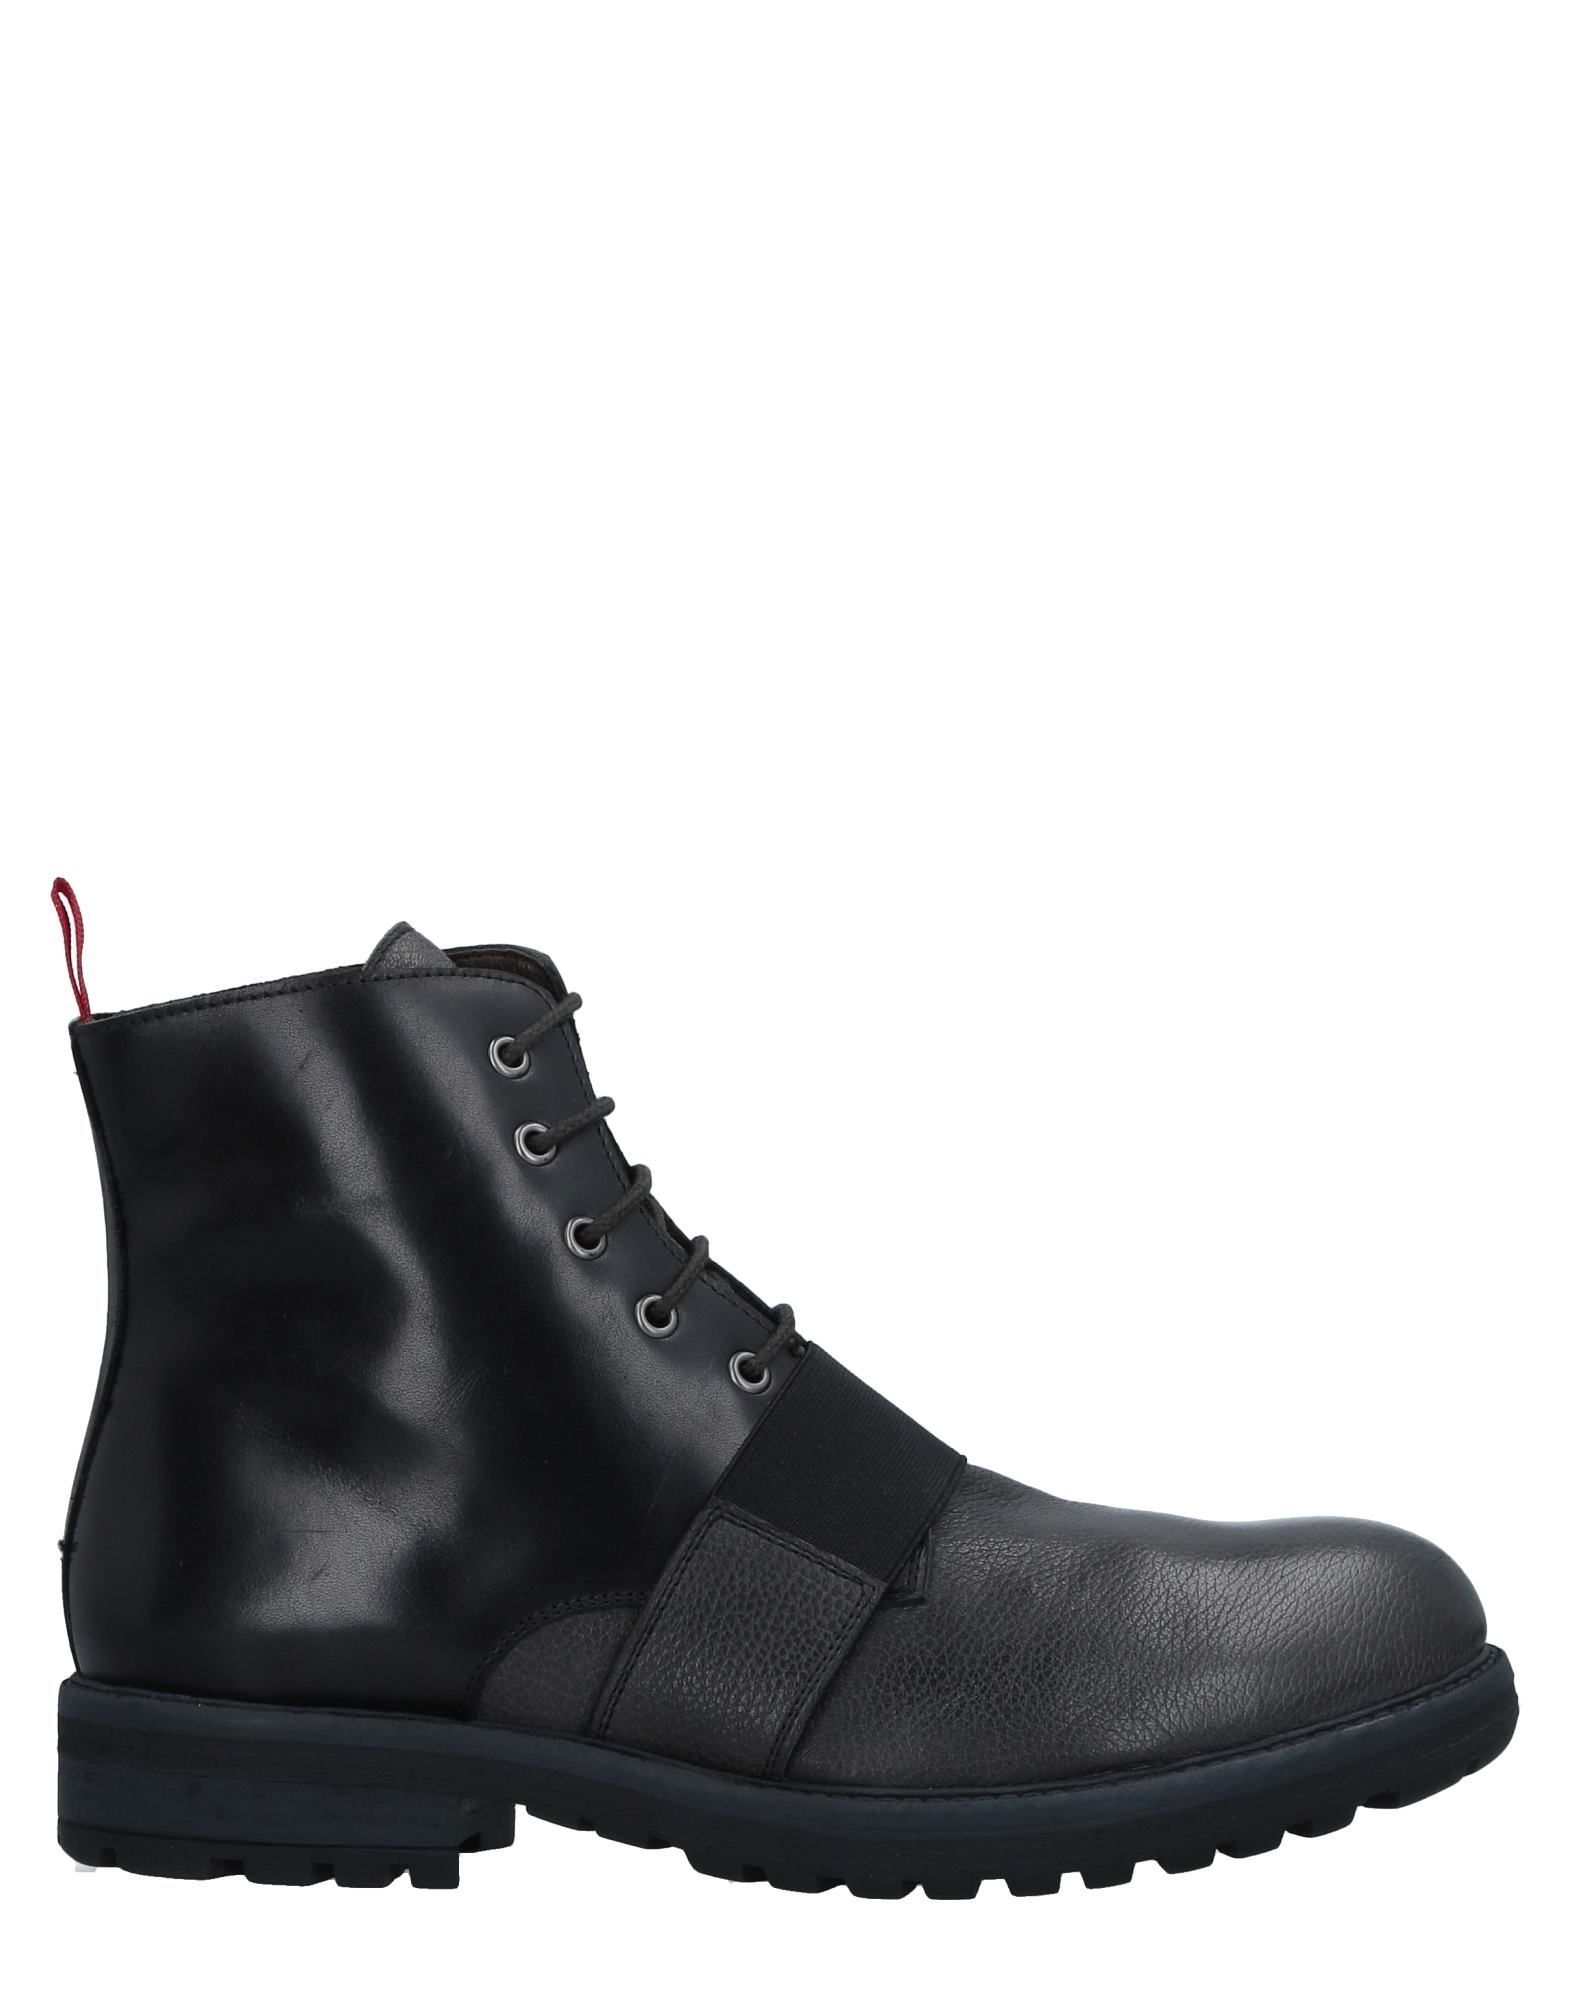 Rabatt echte Schuhe Jp/David Stiefelette Herren  11518943PK